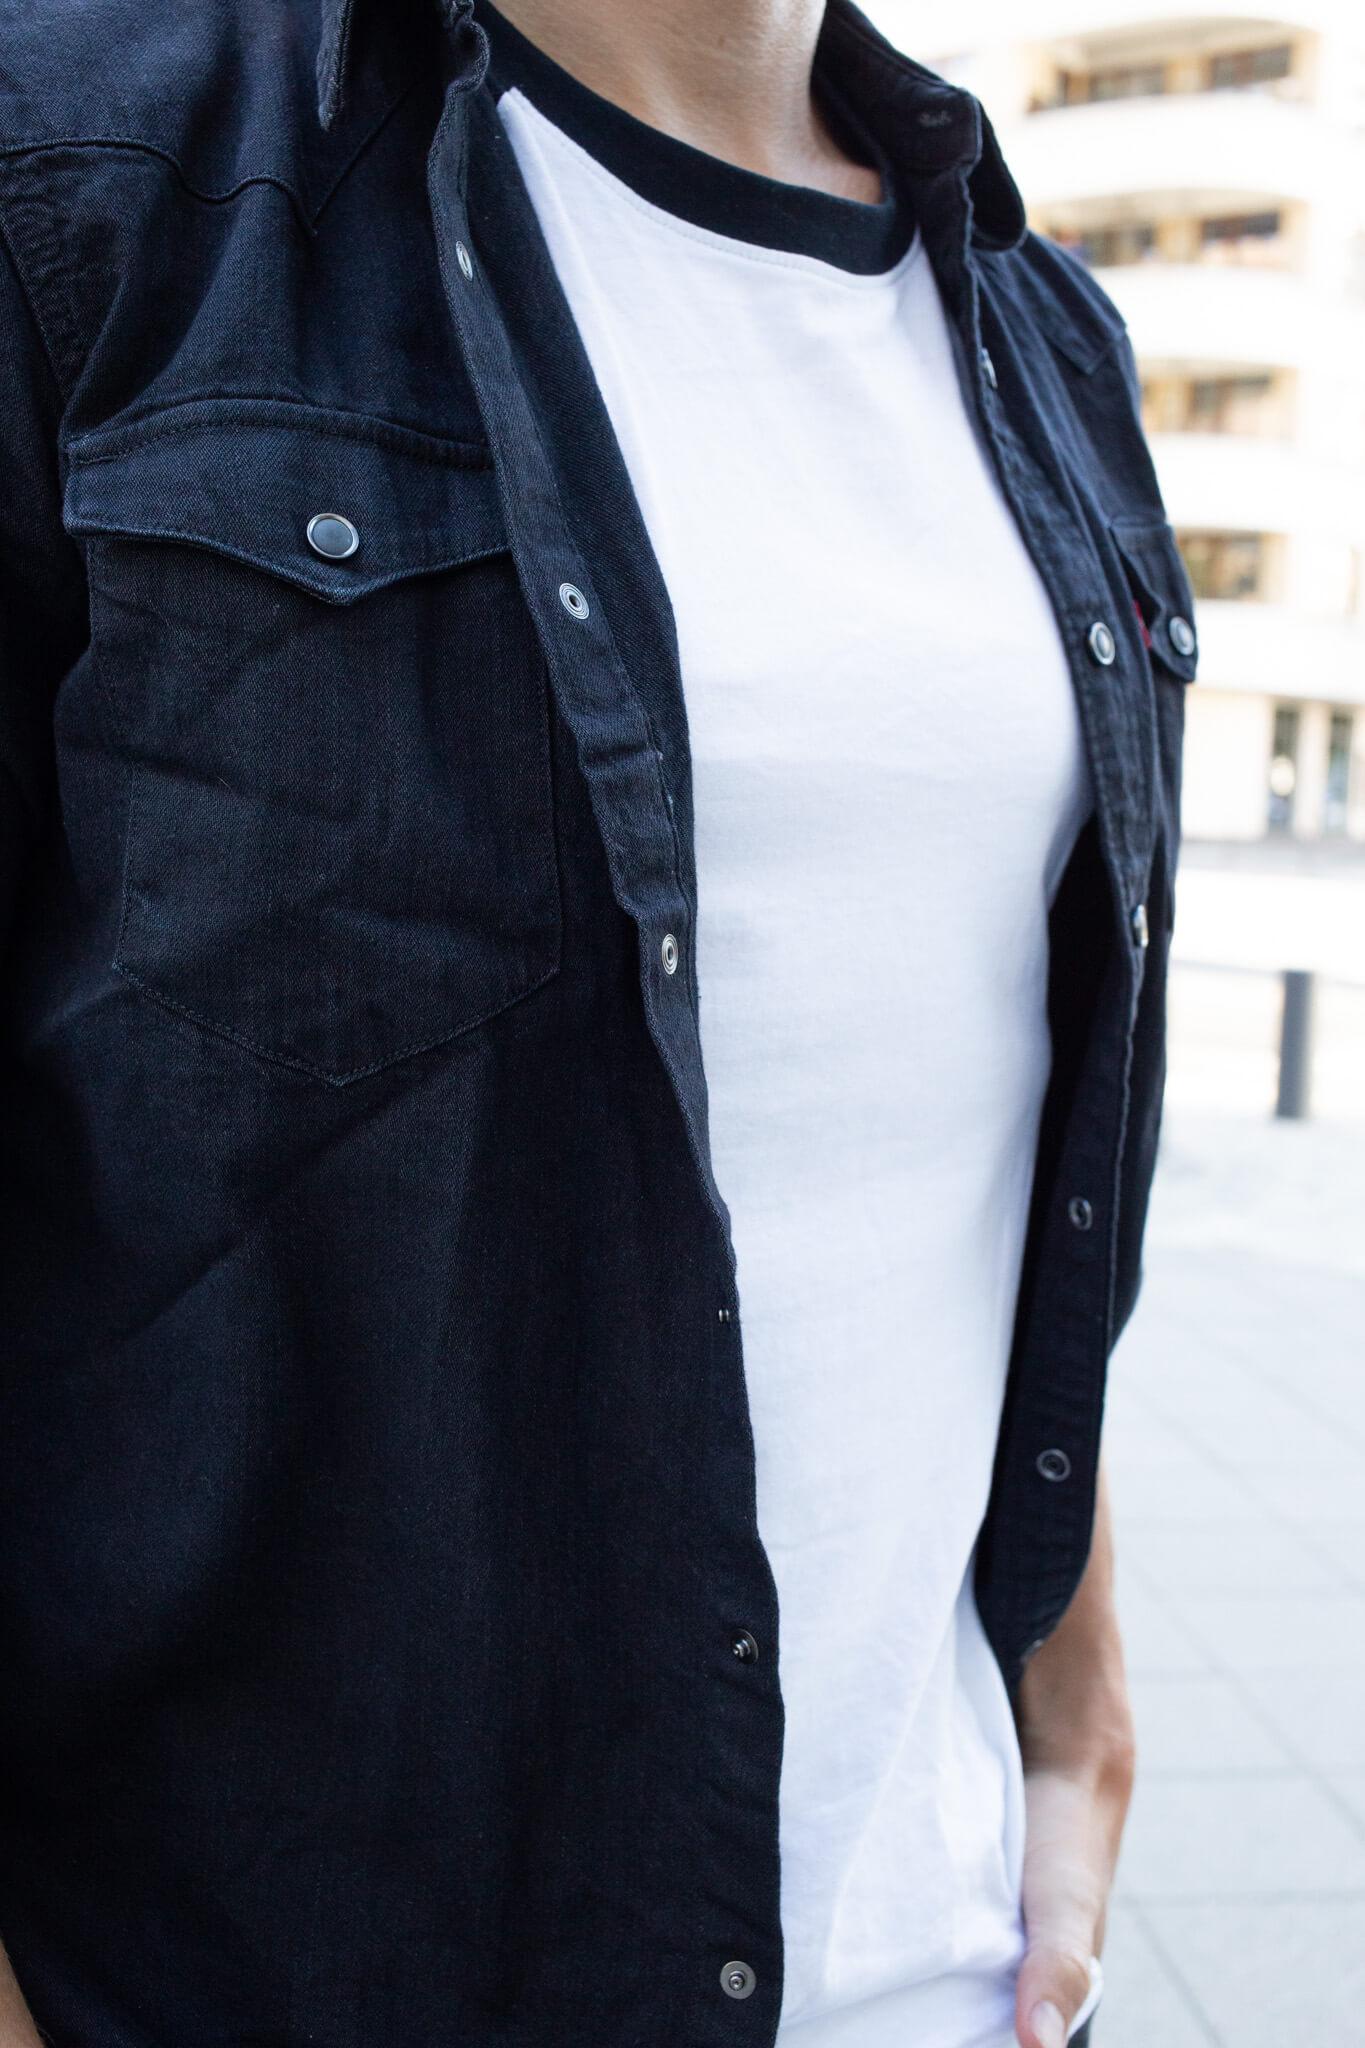 jeanshemd kombinieren streetstyle männer-09